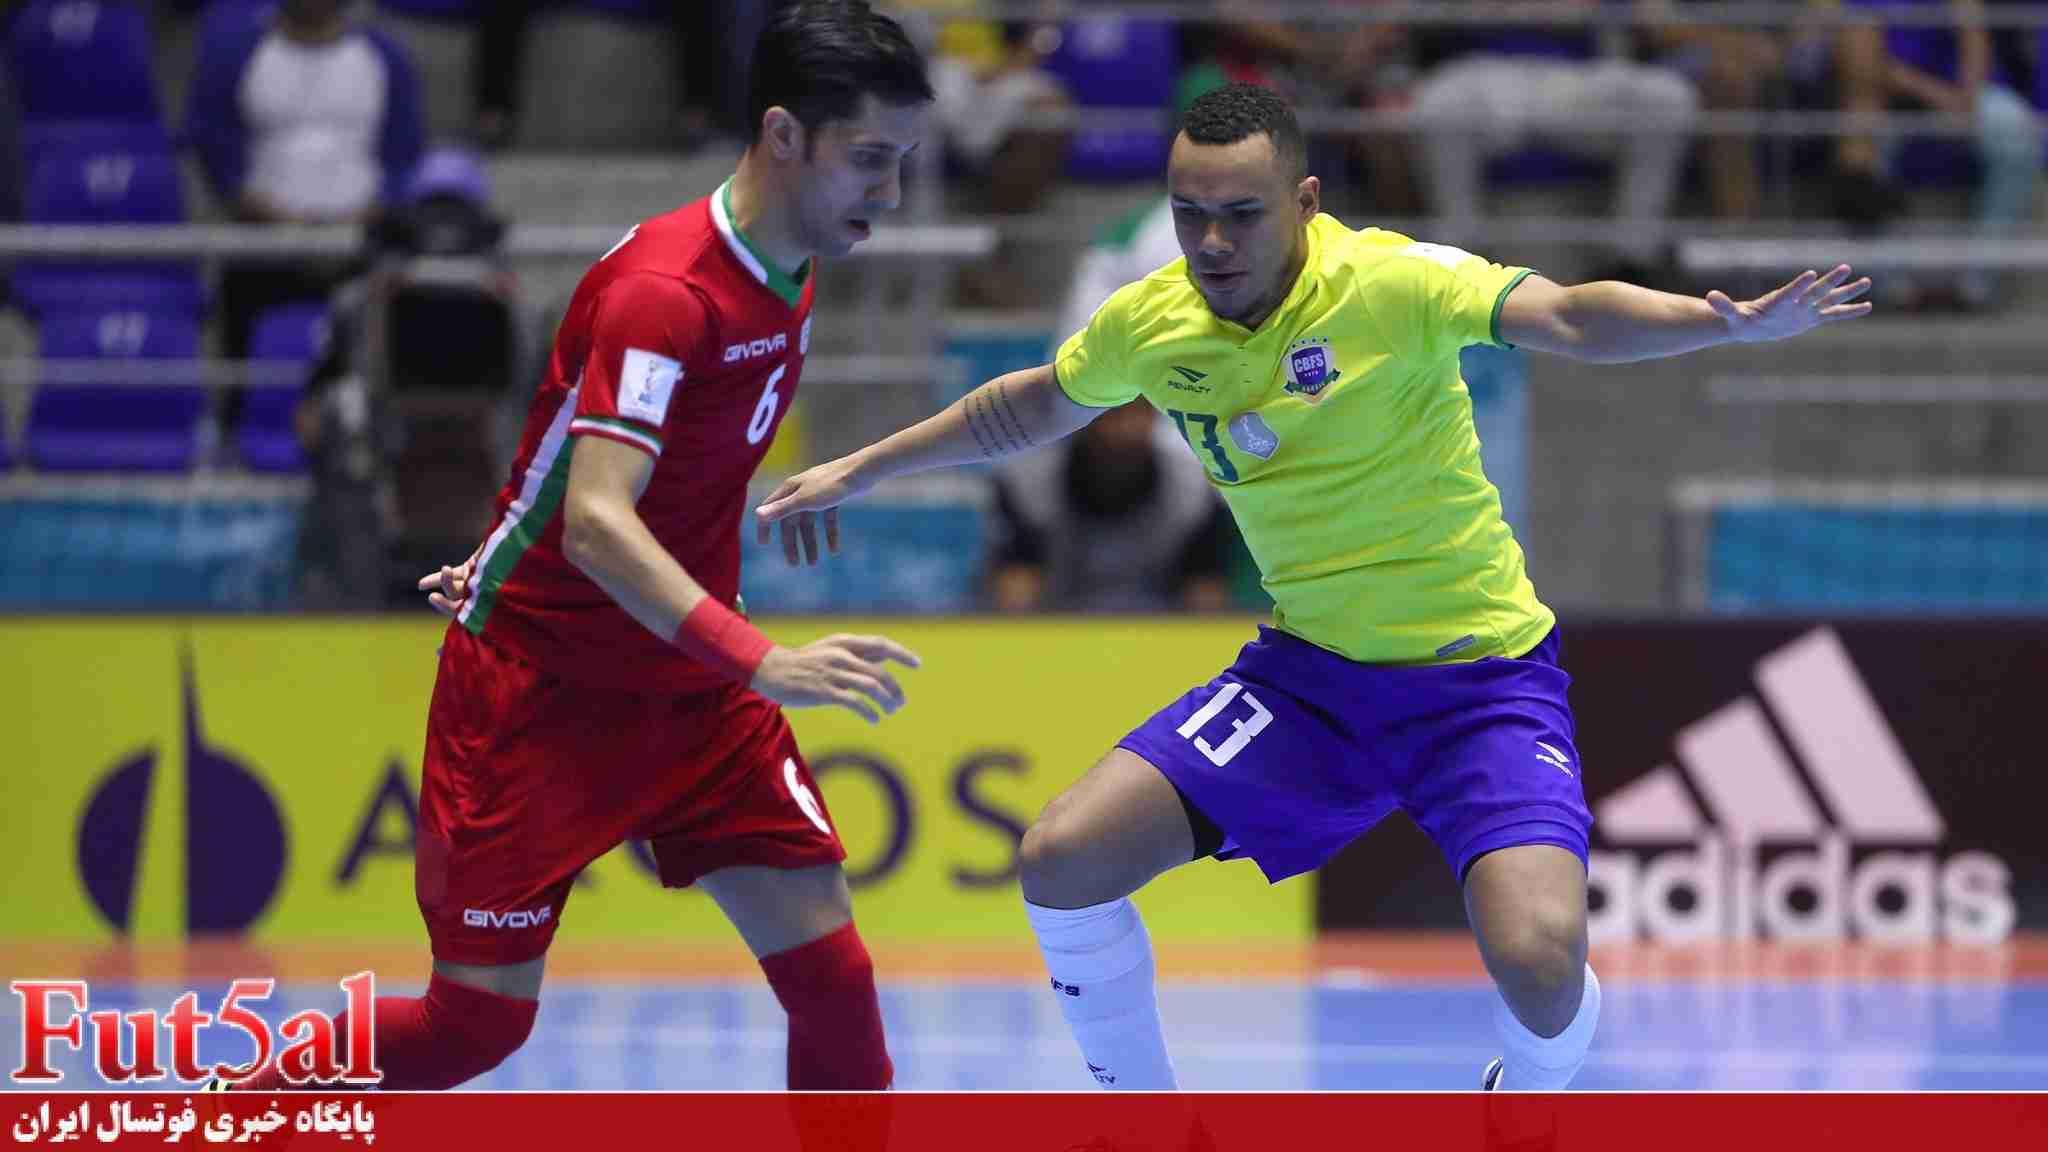 تیم ملی فوتسال ایران به دنبال بازی با برزیل، اسپانیا و ایتالیا